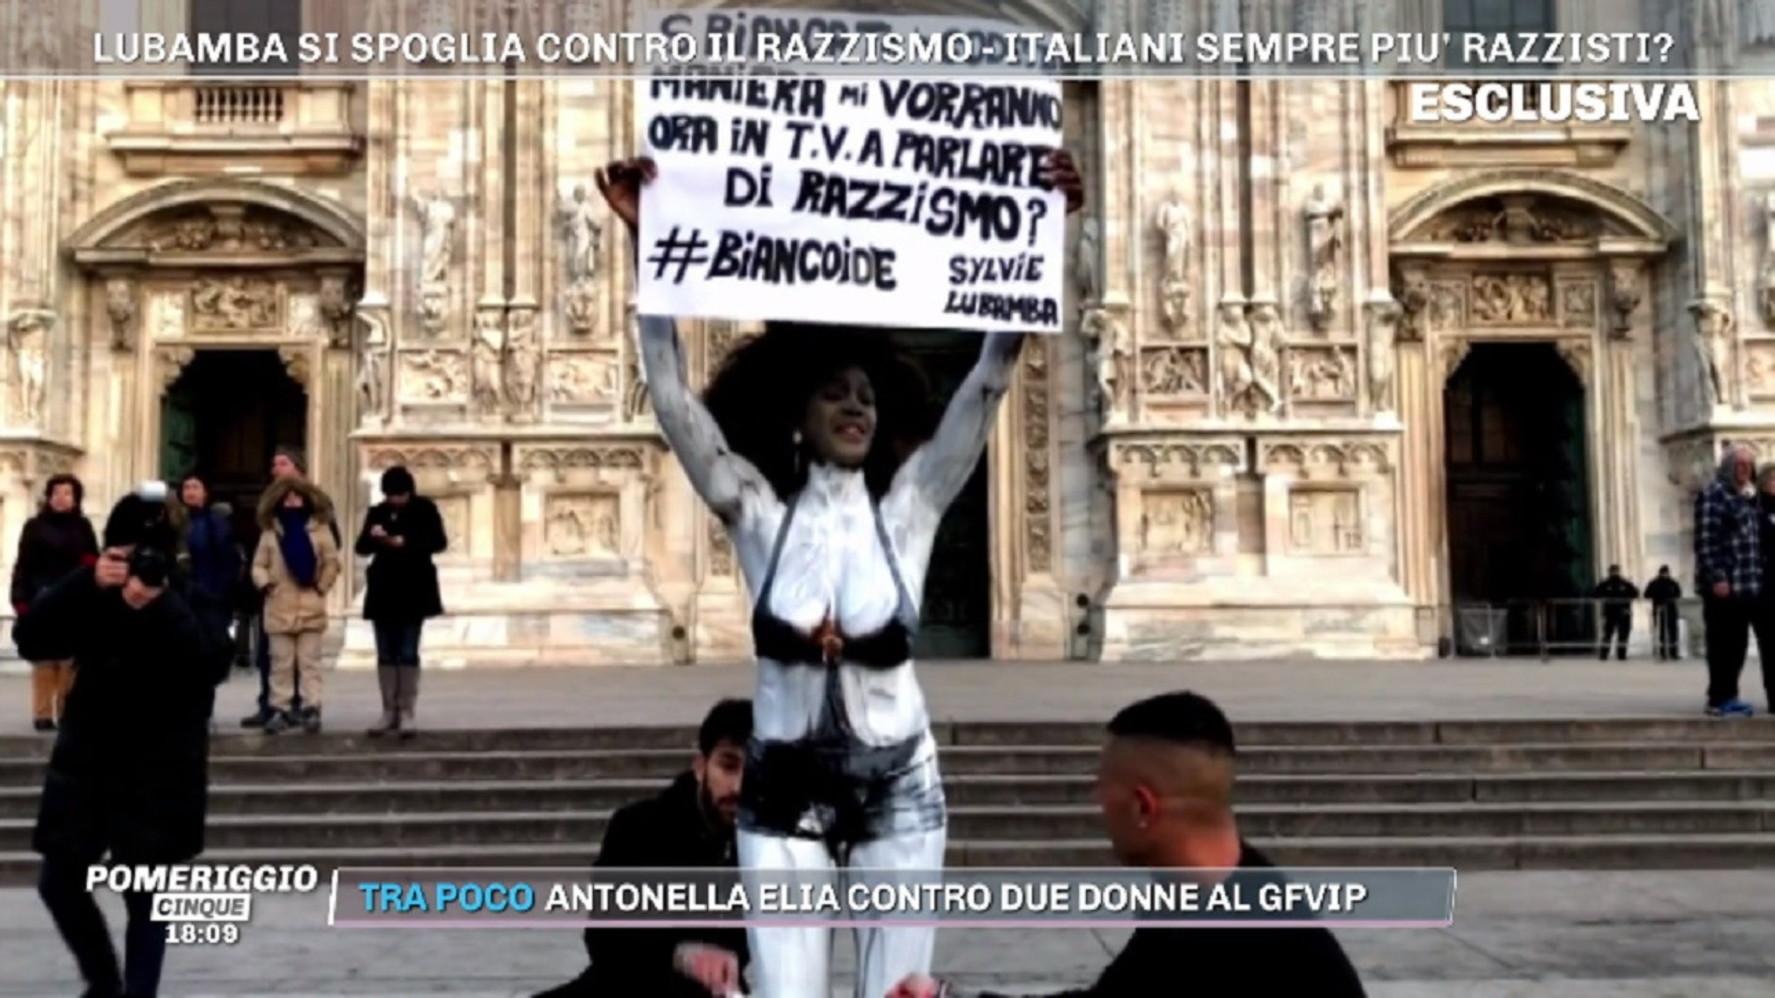 Milano, Lubambanuda in Duomo contro il razzismo: